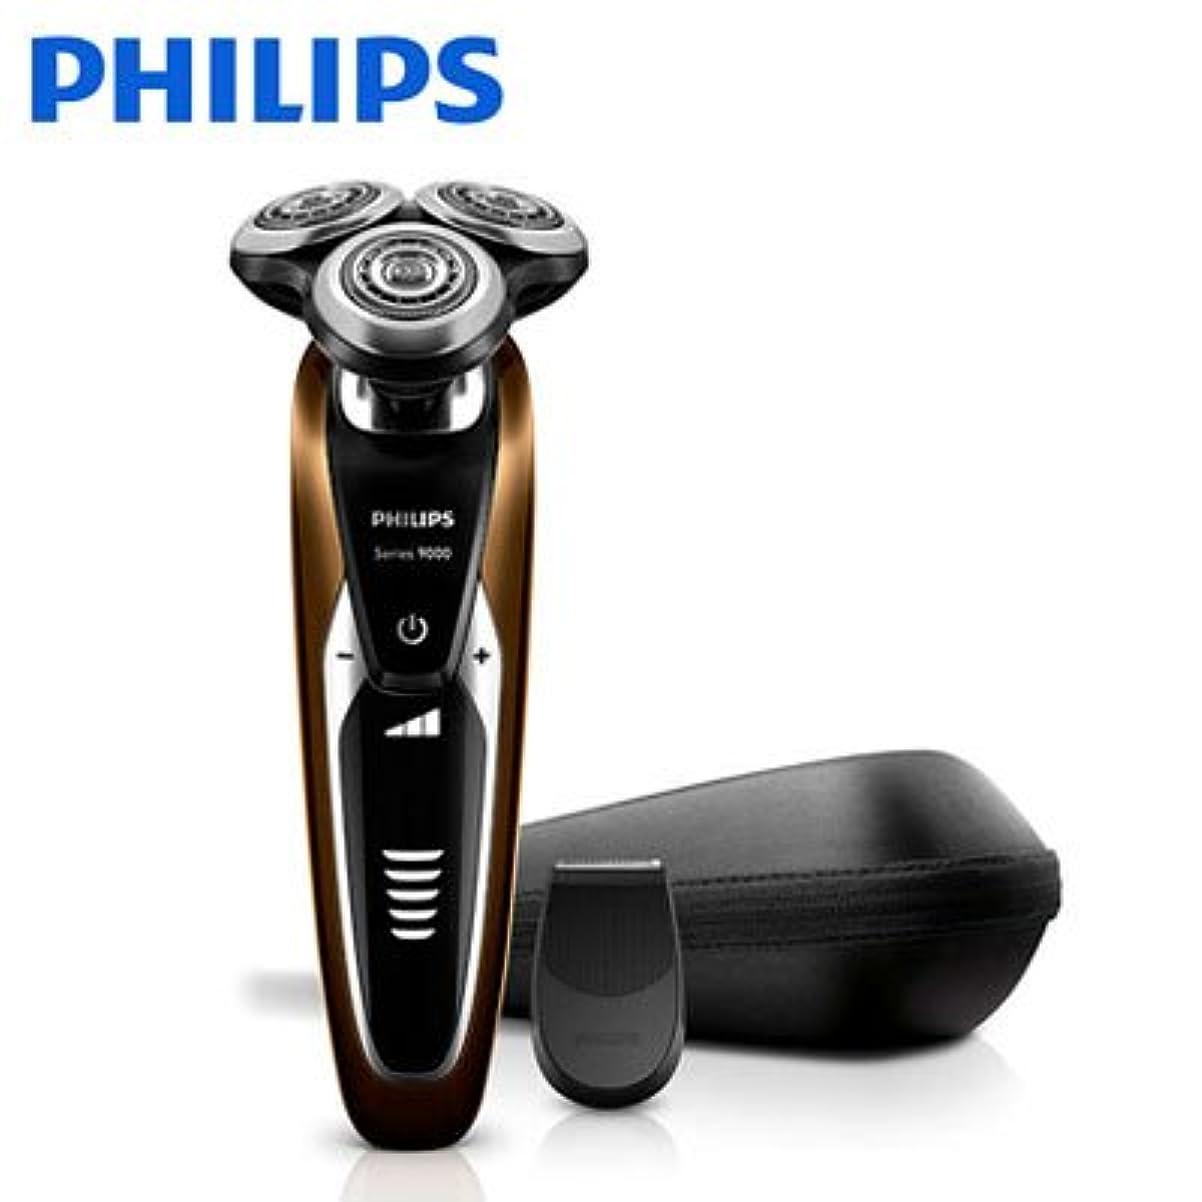 負みなすコンテンツフィリップス メンズシェーバーPHILIPS 9000シリーズ ウェット&ドライ S9512/12